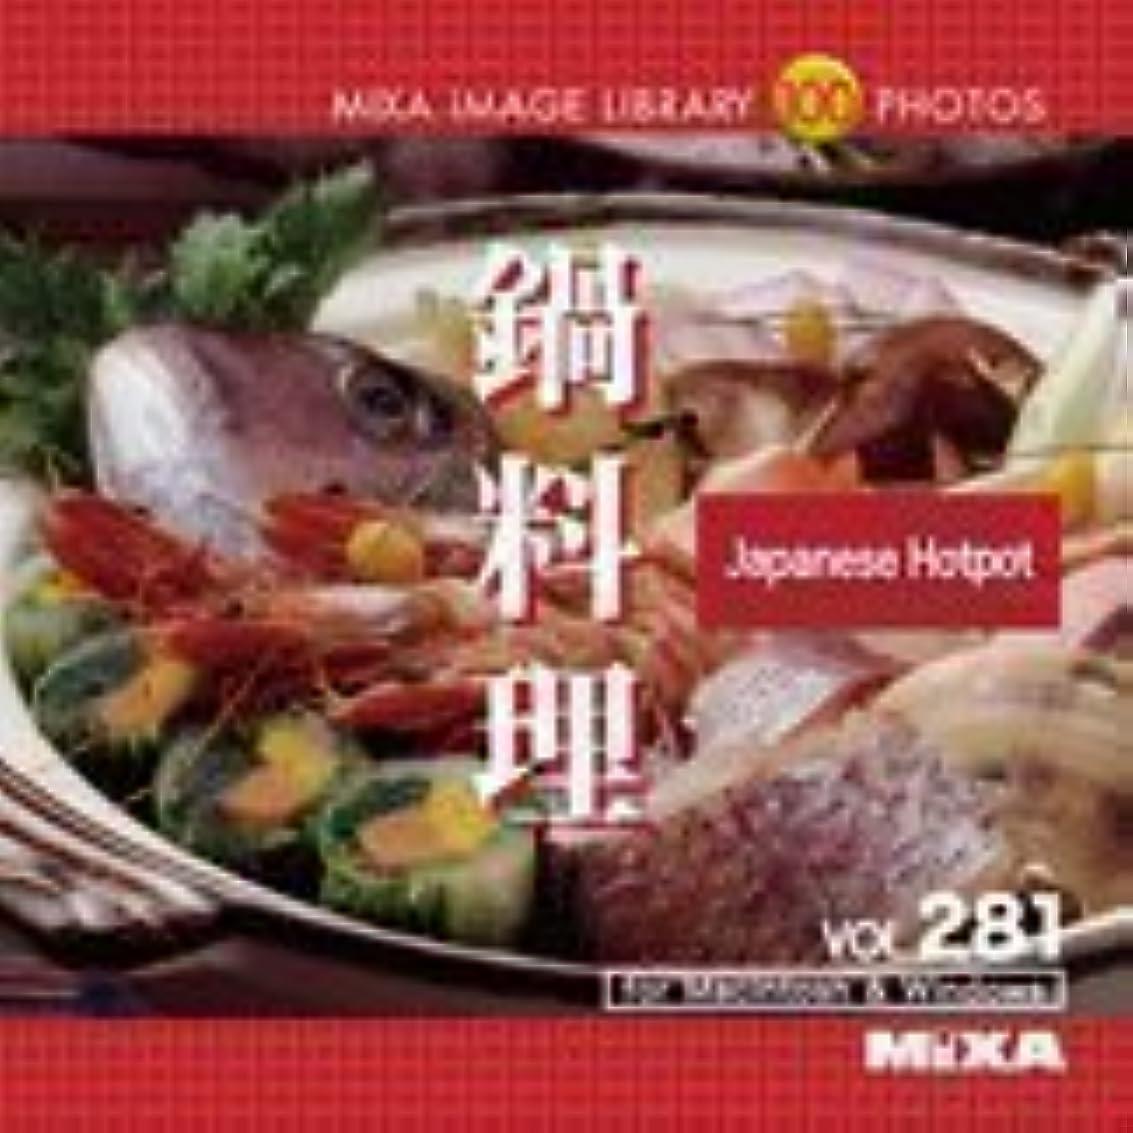 ヘビ相続人公MIXA IMAGE LIBRARY Vol.281 鍋料理